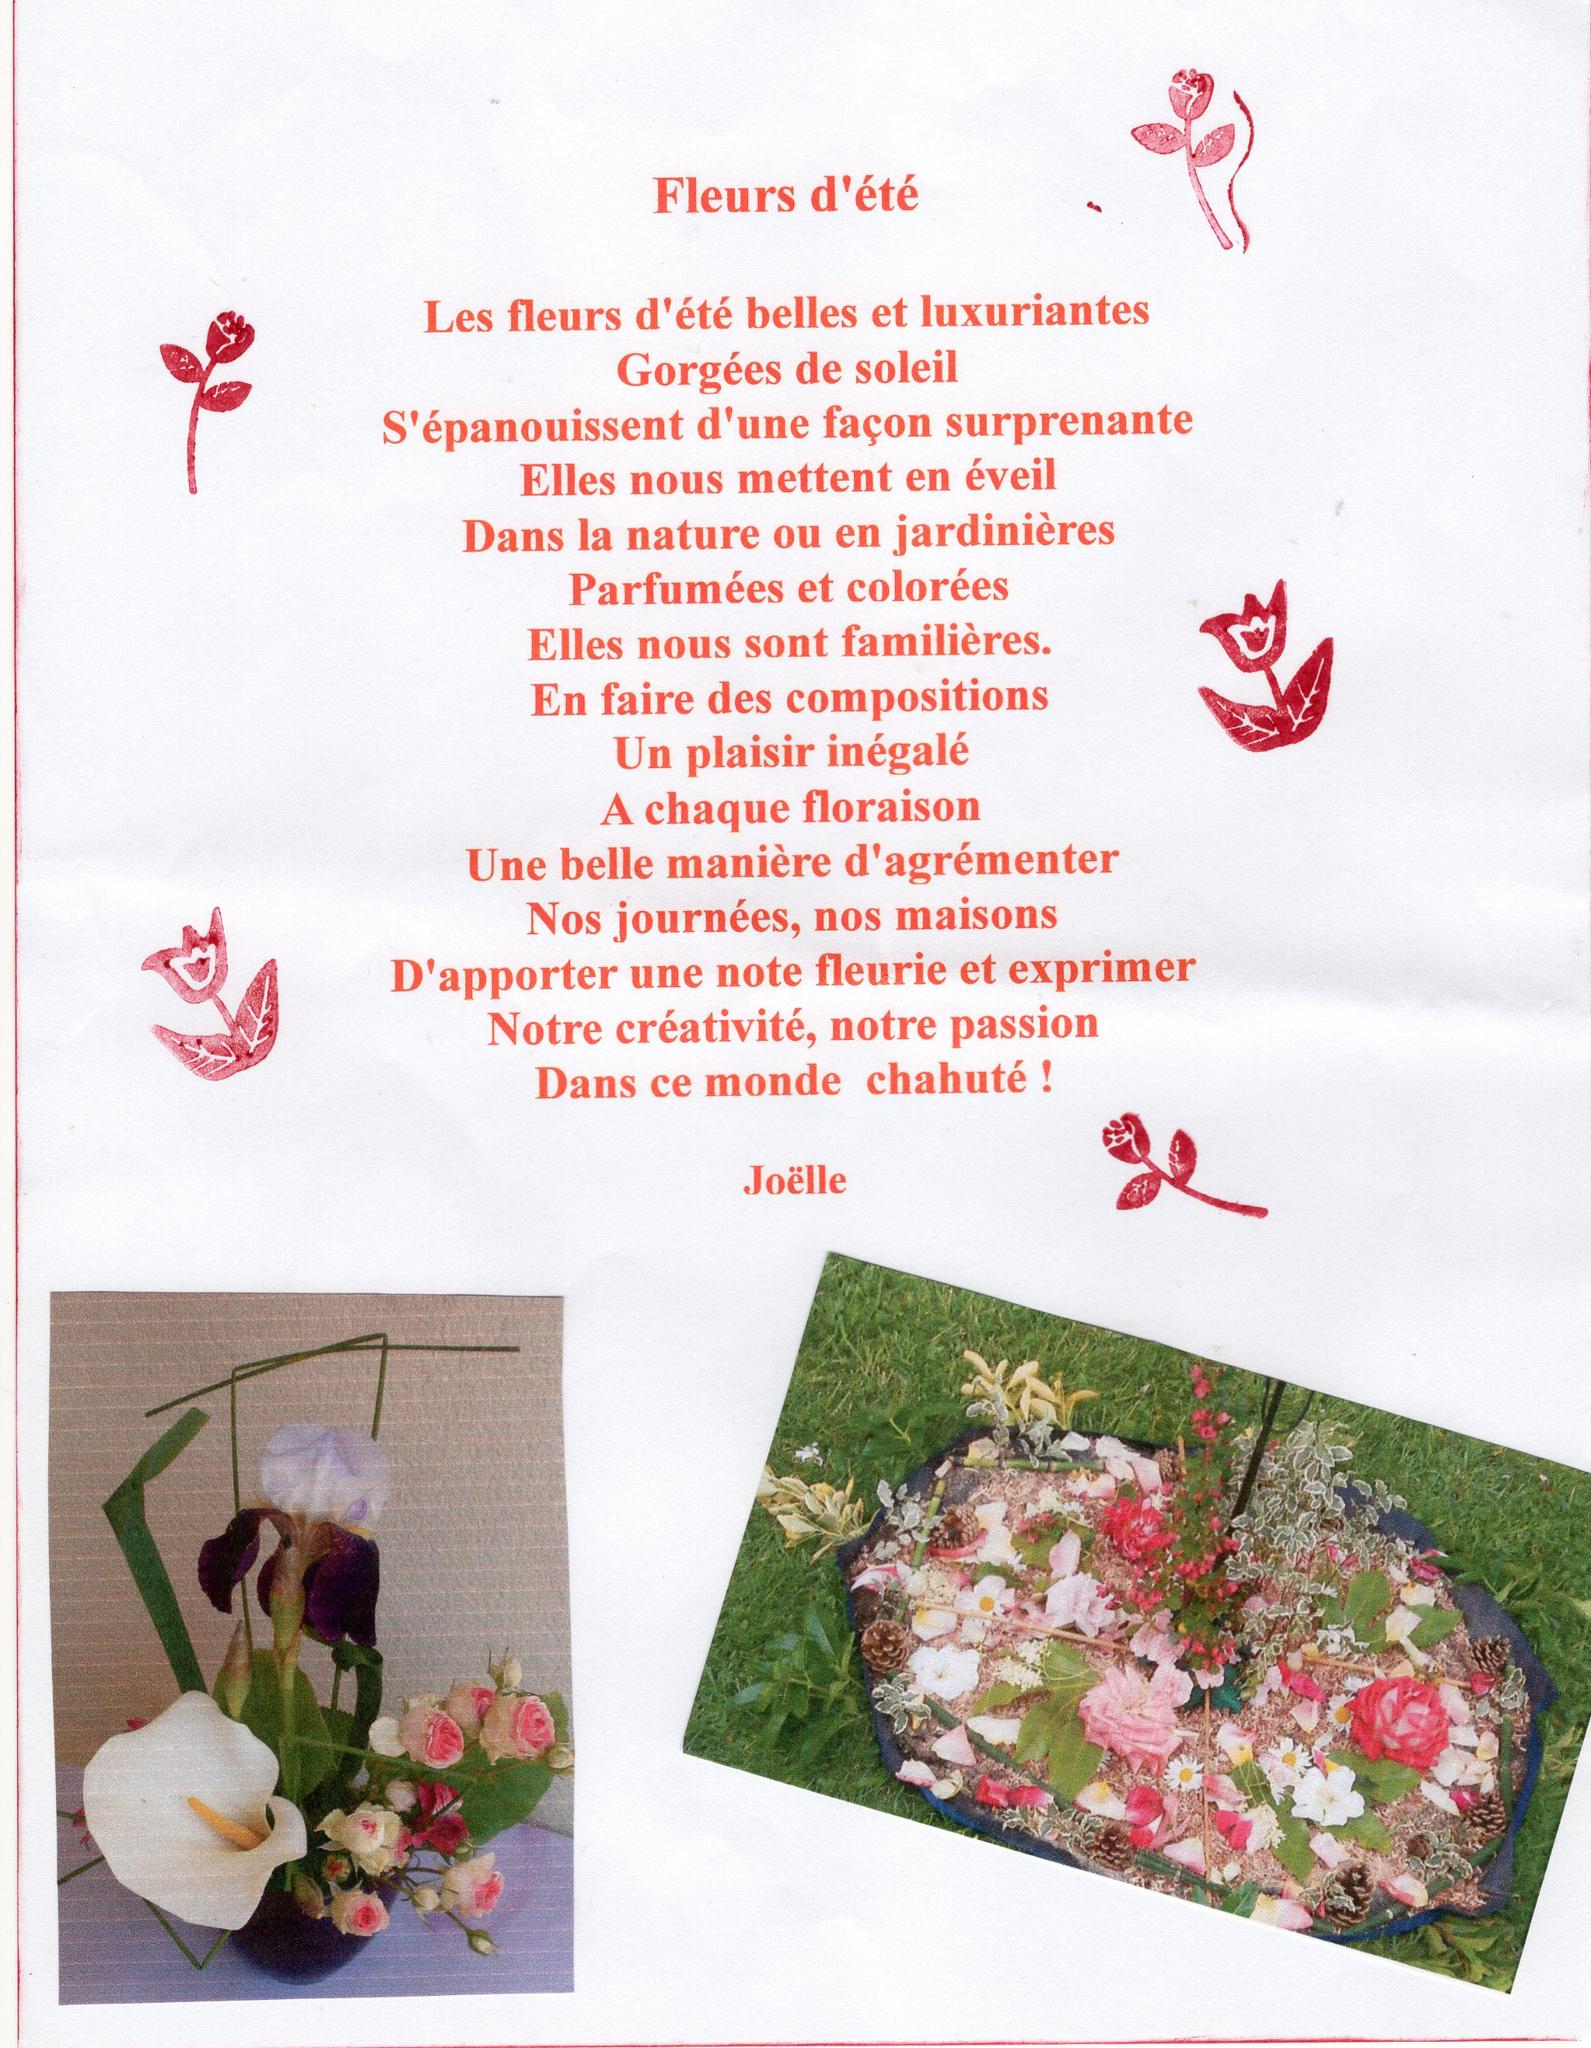 Petit Poème Aux Fleurs D'été - Le Café Fleurs De Joëlle concernant Poeme Les Fleurs